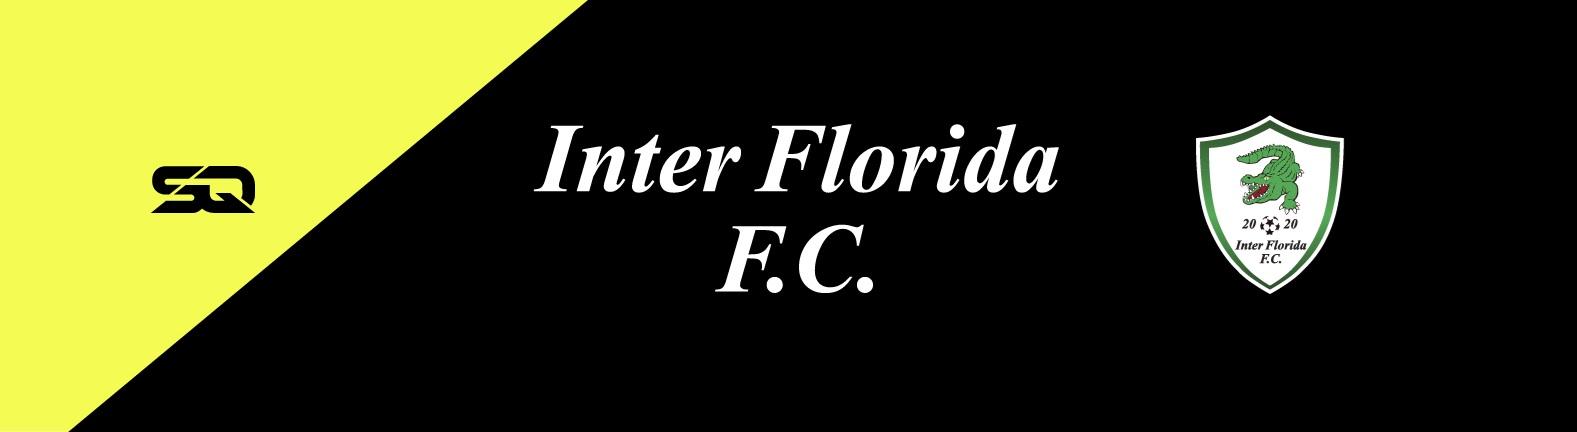 INTER FL BANNER